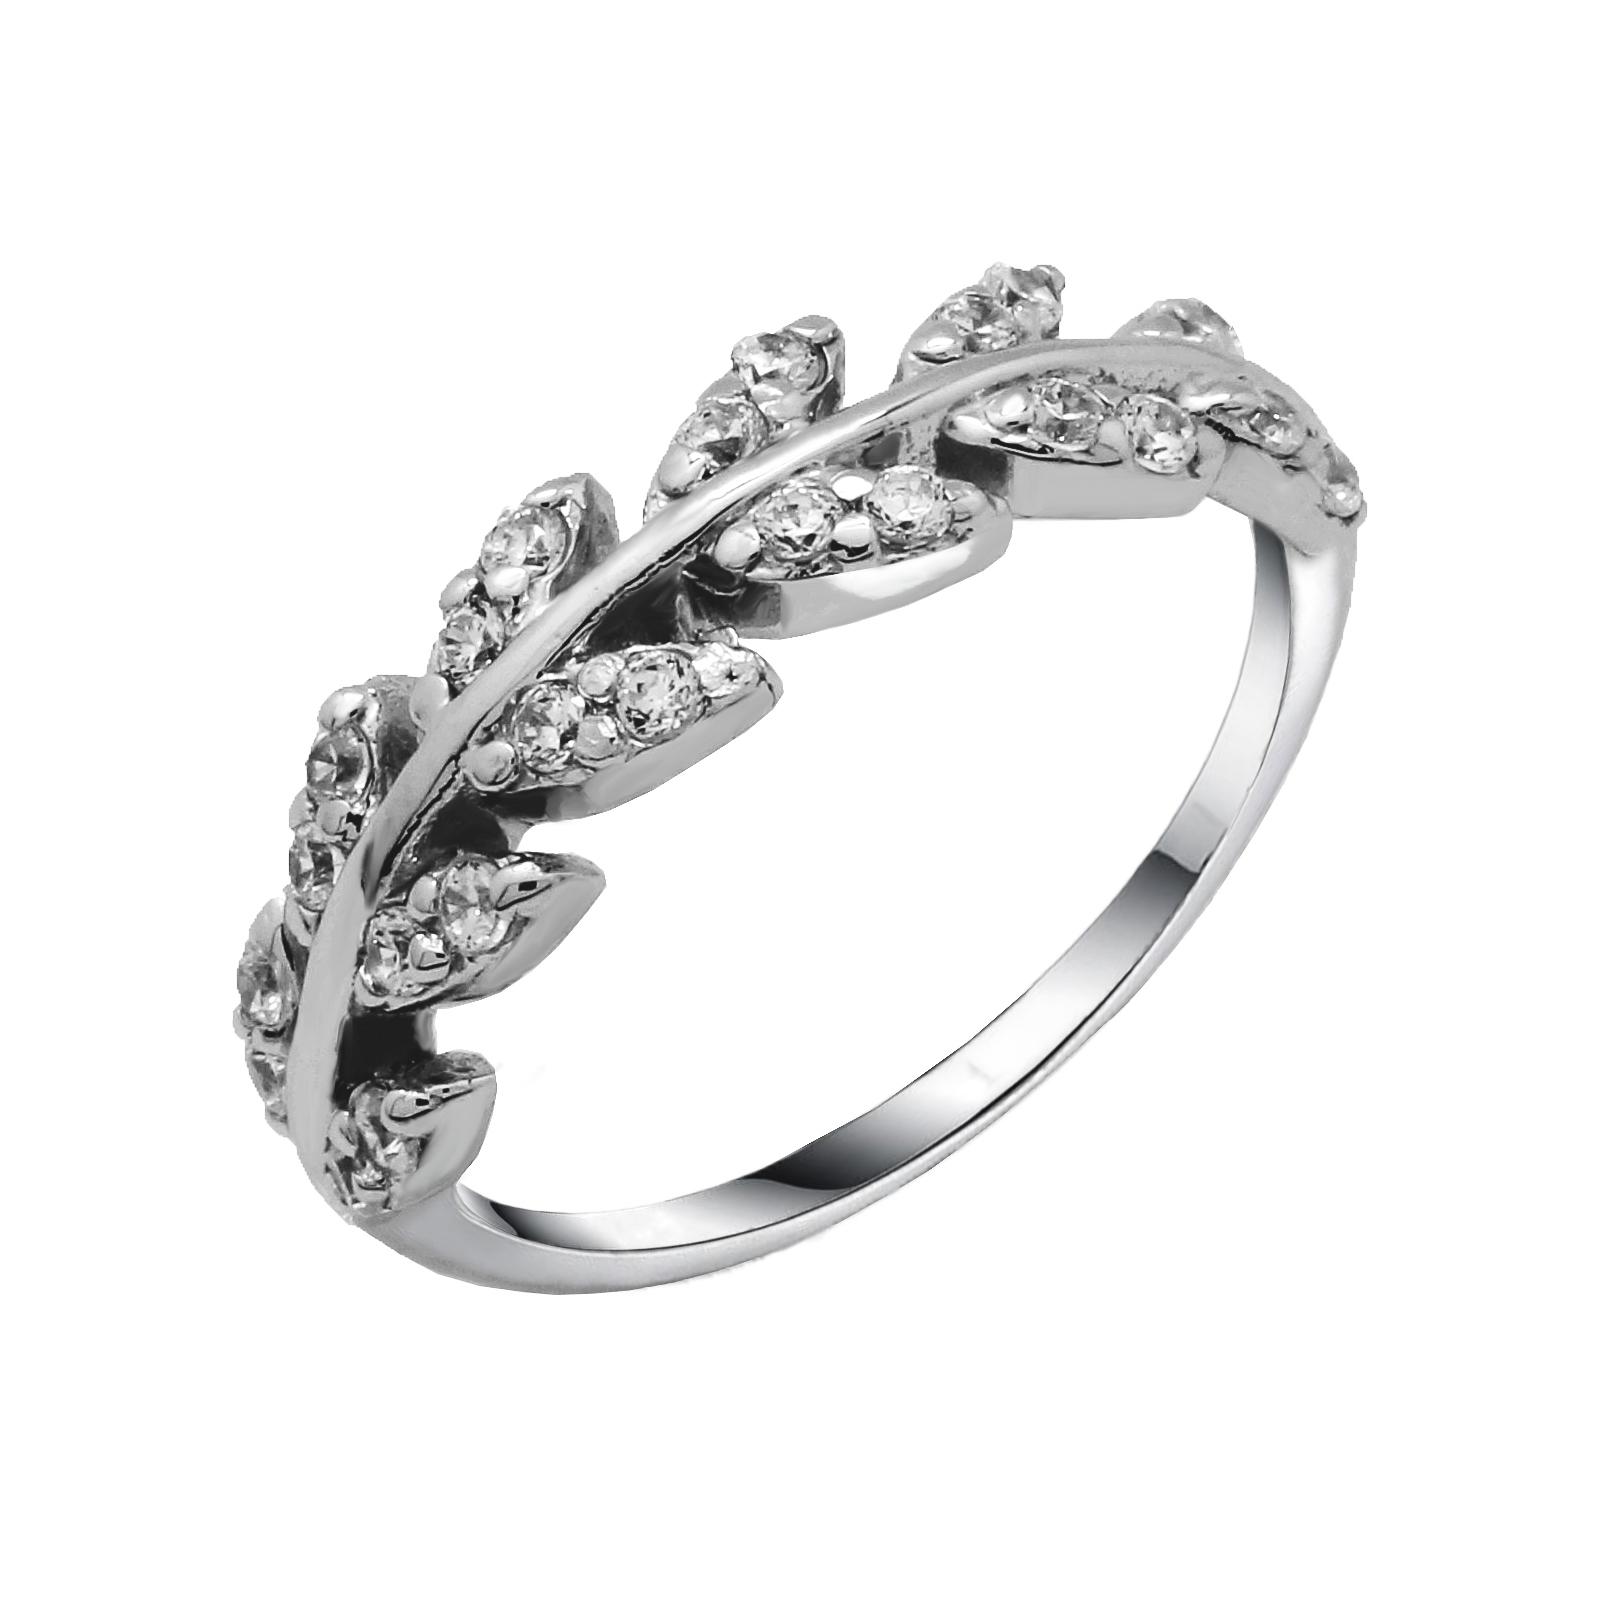 แหวนใบมะกอกนำโชค แหวนเงินแท้หุ้มทองคำขาวประดับเพชรCZ